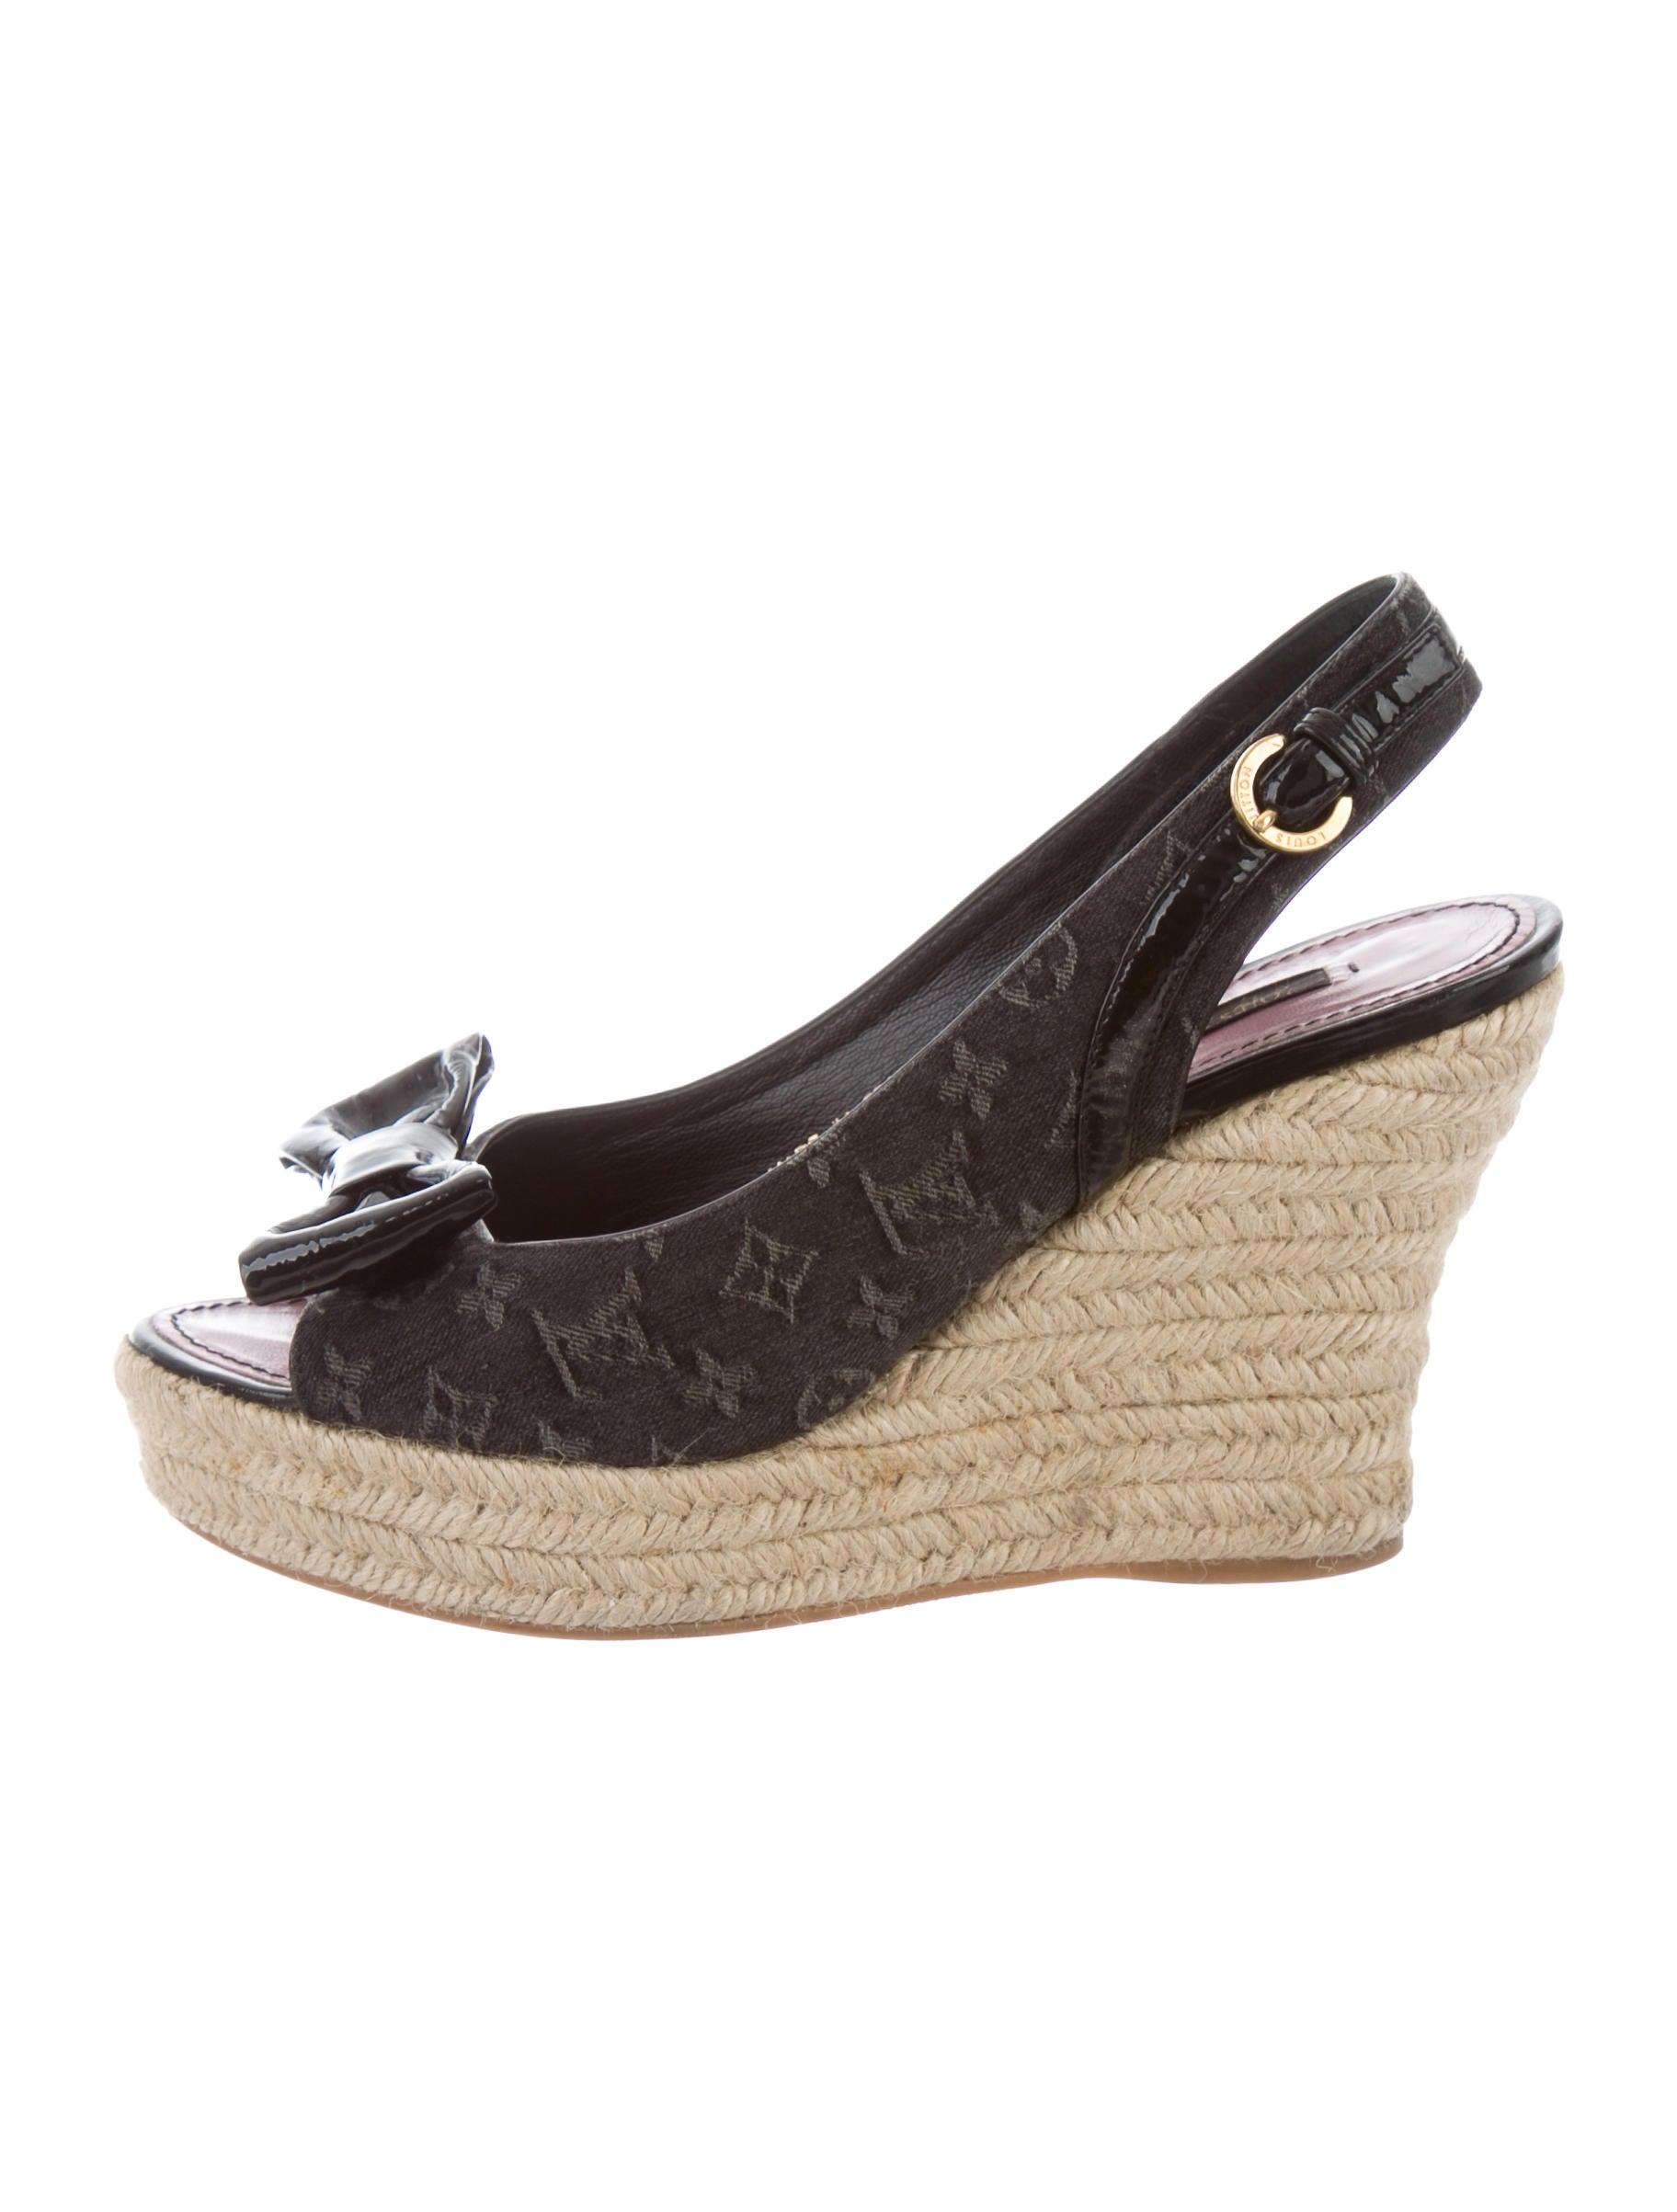 50acd6682a2 Louis Vuitton Monogram Espadrille Wedges - Shoes - LOU124323